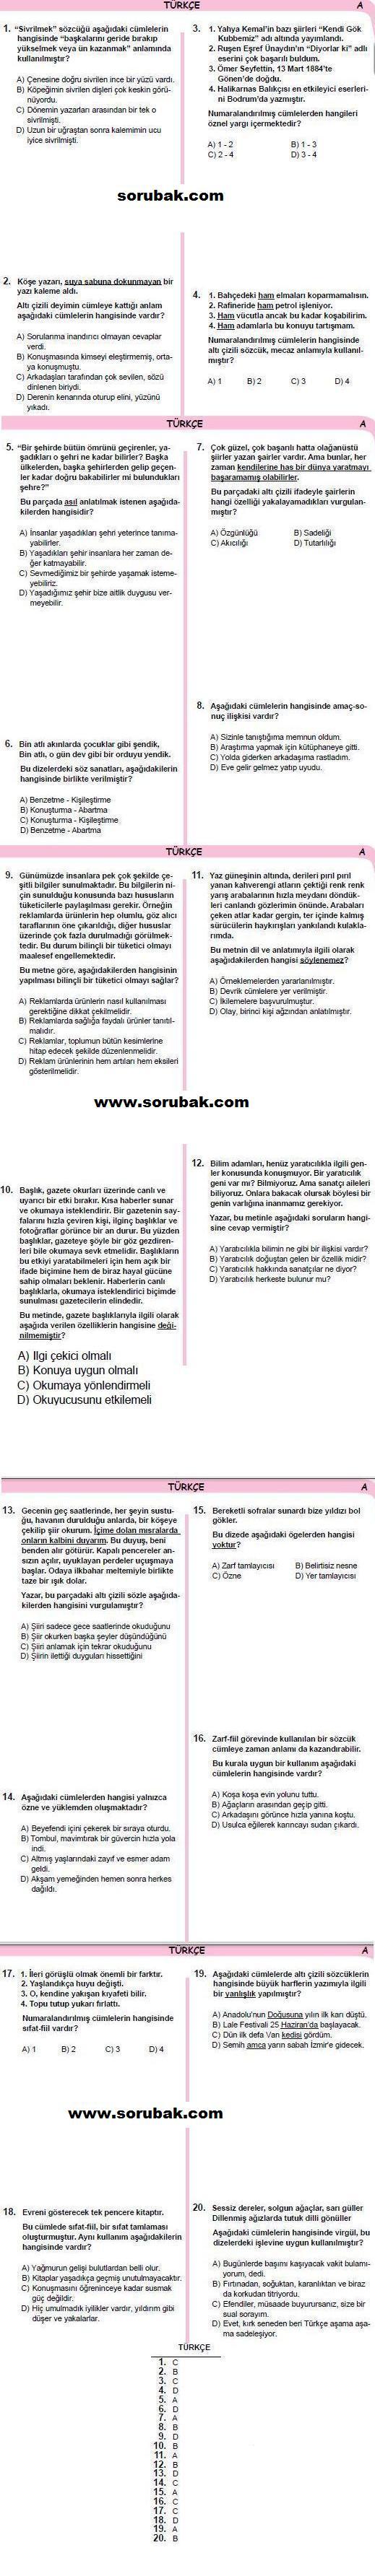 2013-2014 8.sınıf  türkçe 1.dönem meb sınav soruları